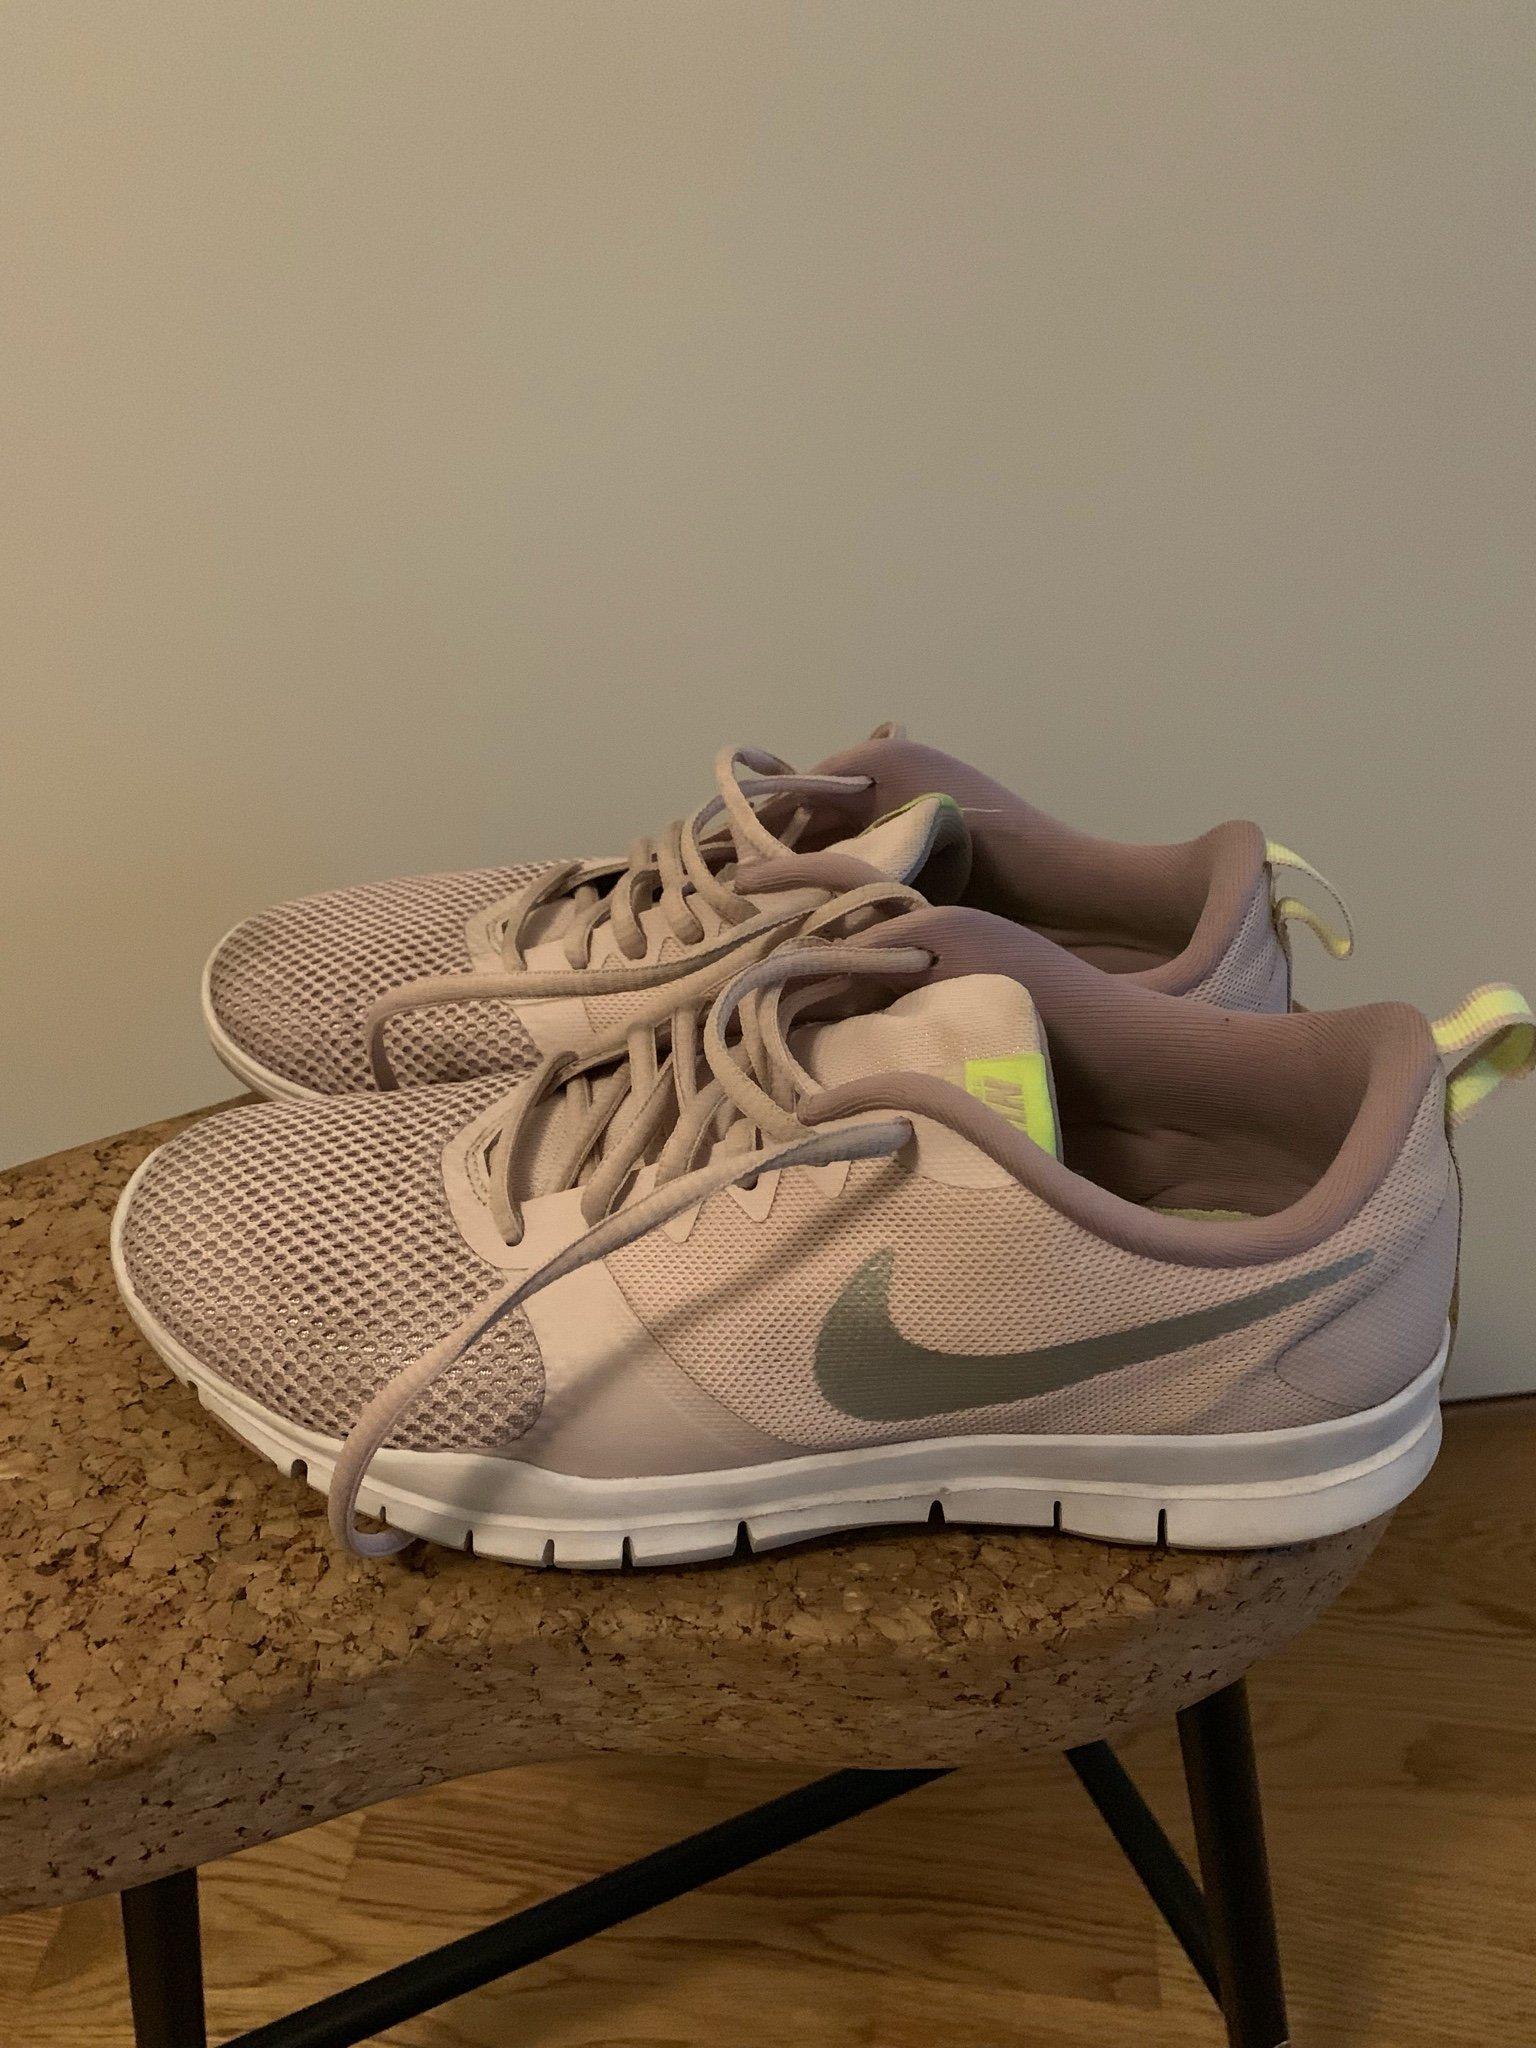 bb9c9efbd92 Nike skor - 40 (353795448) ᐈ Köp på Tradera